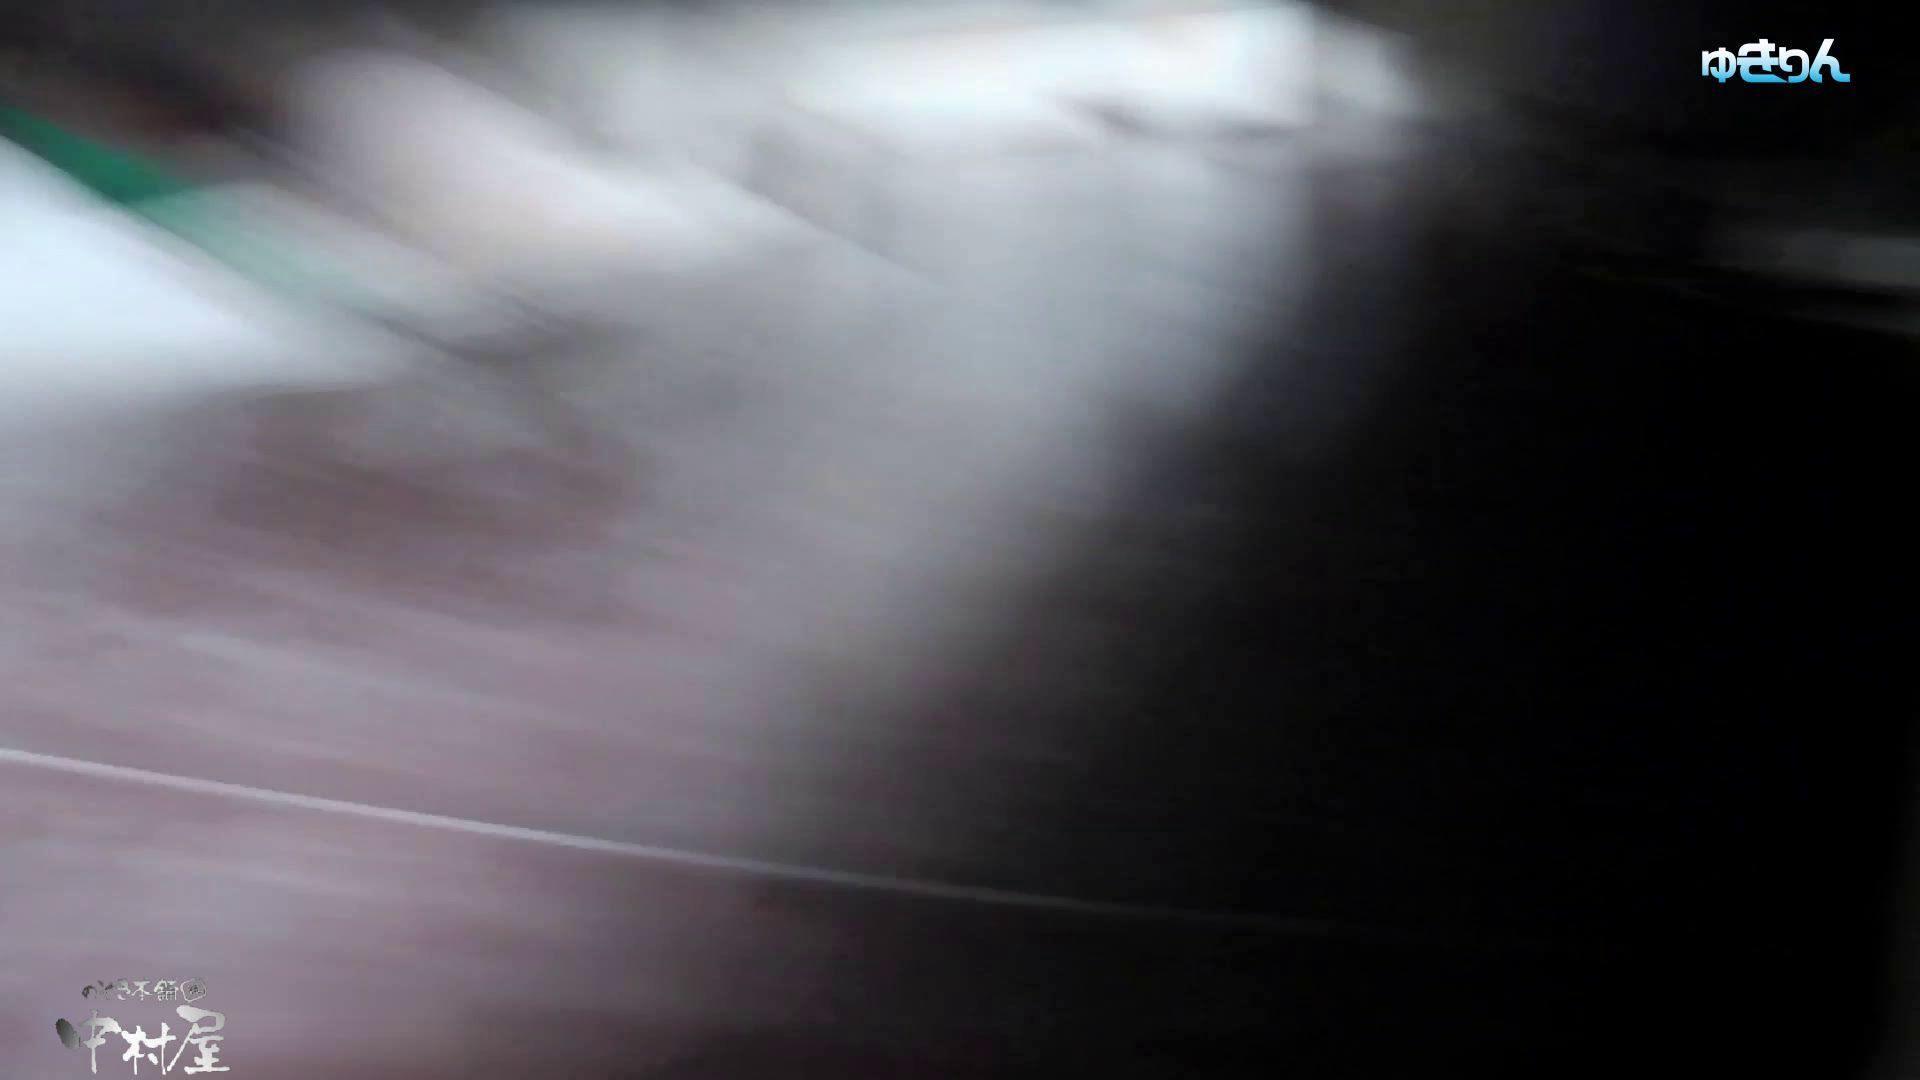 世界の射窓から~ステーション編 vol60 ユキリン粘着撮り!!今回はタイトなパンツが似合う美女 美女丸裸  100pic 44